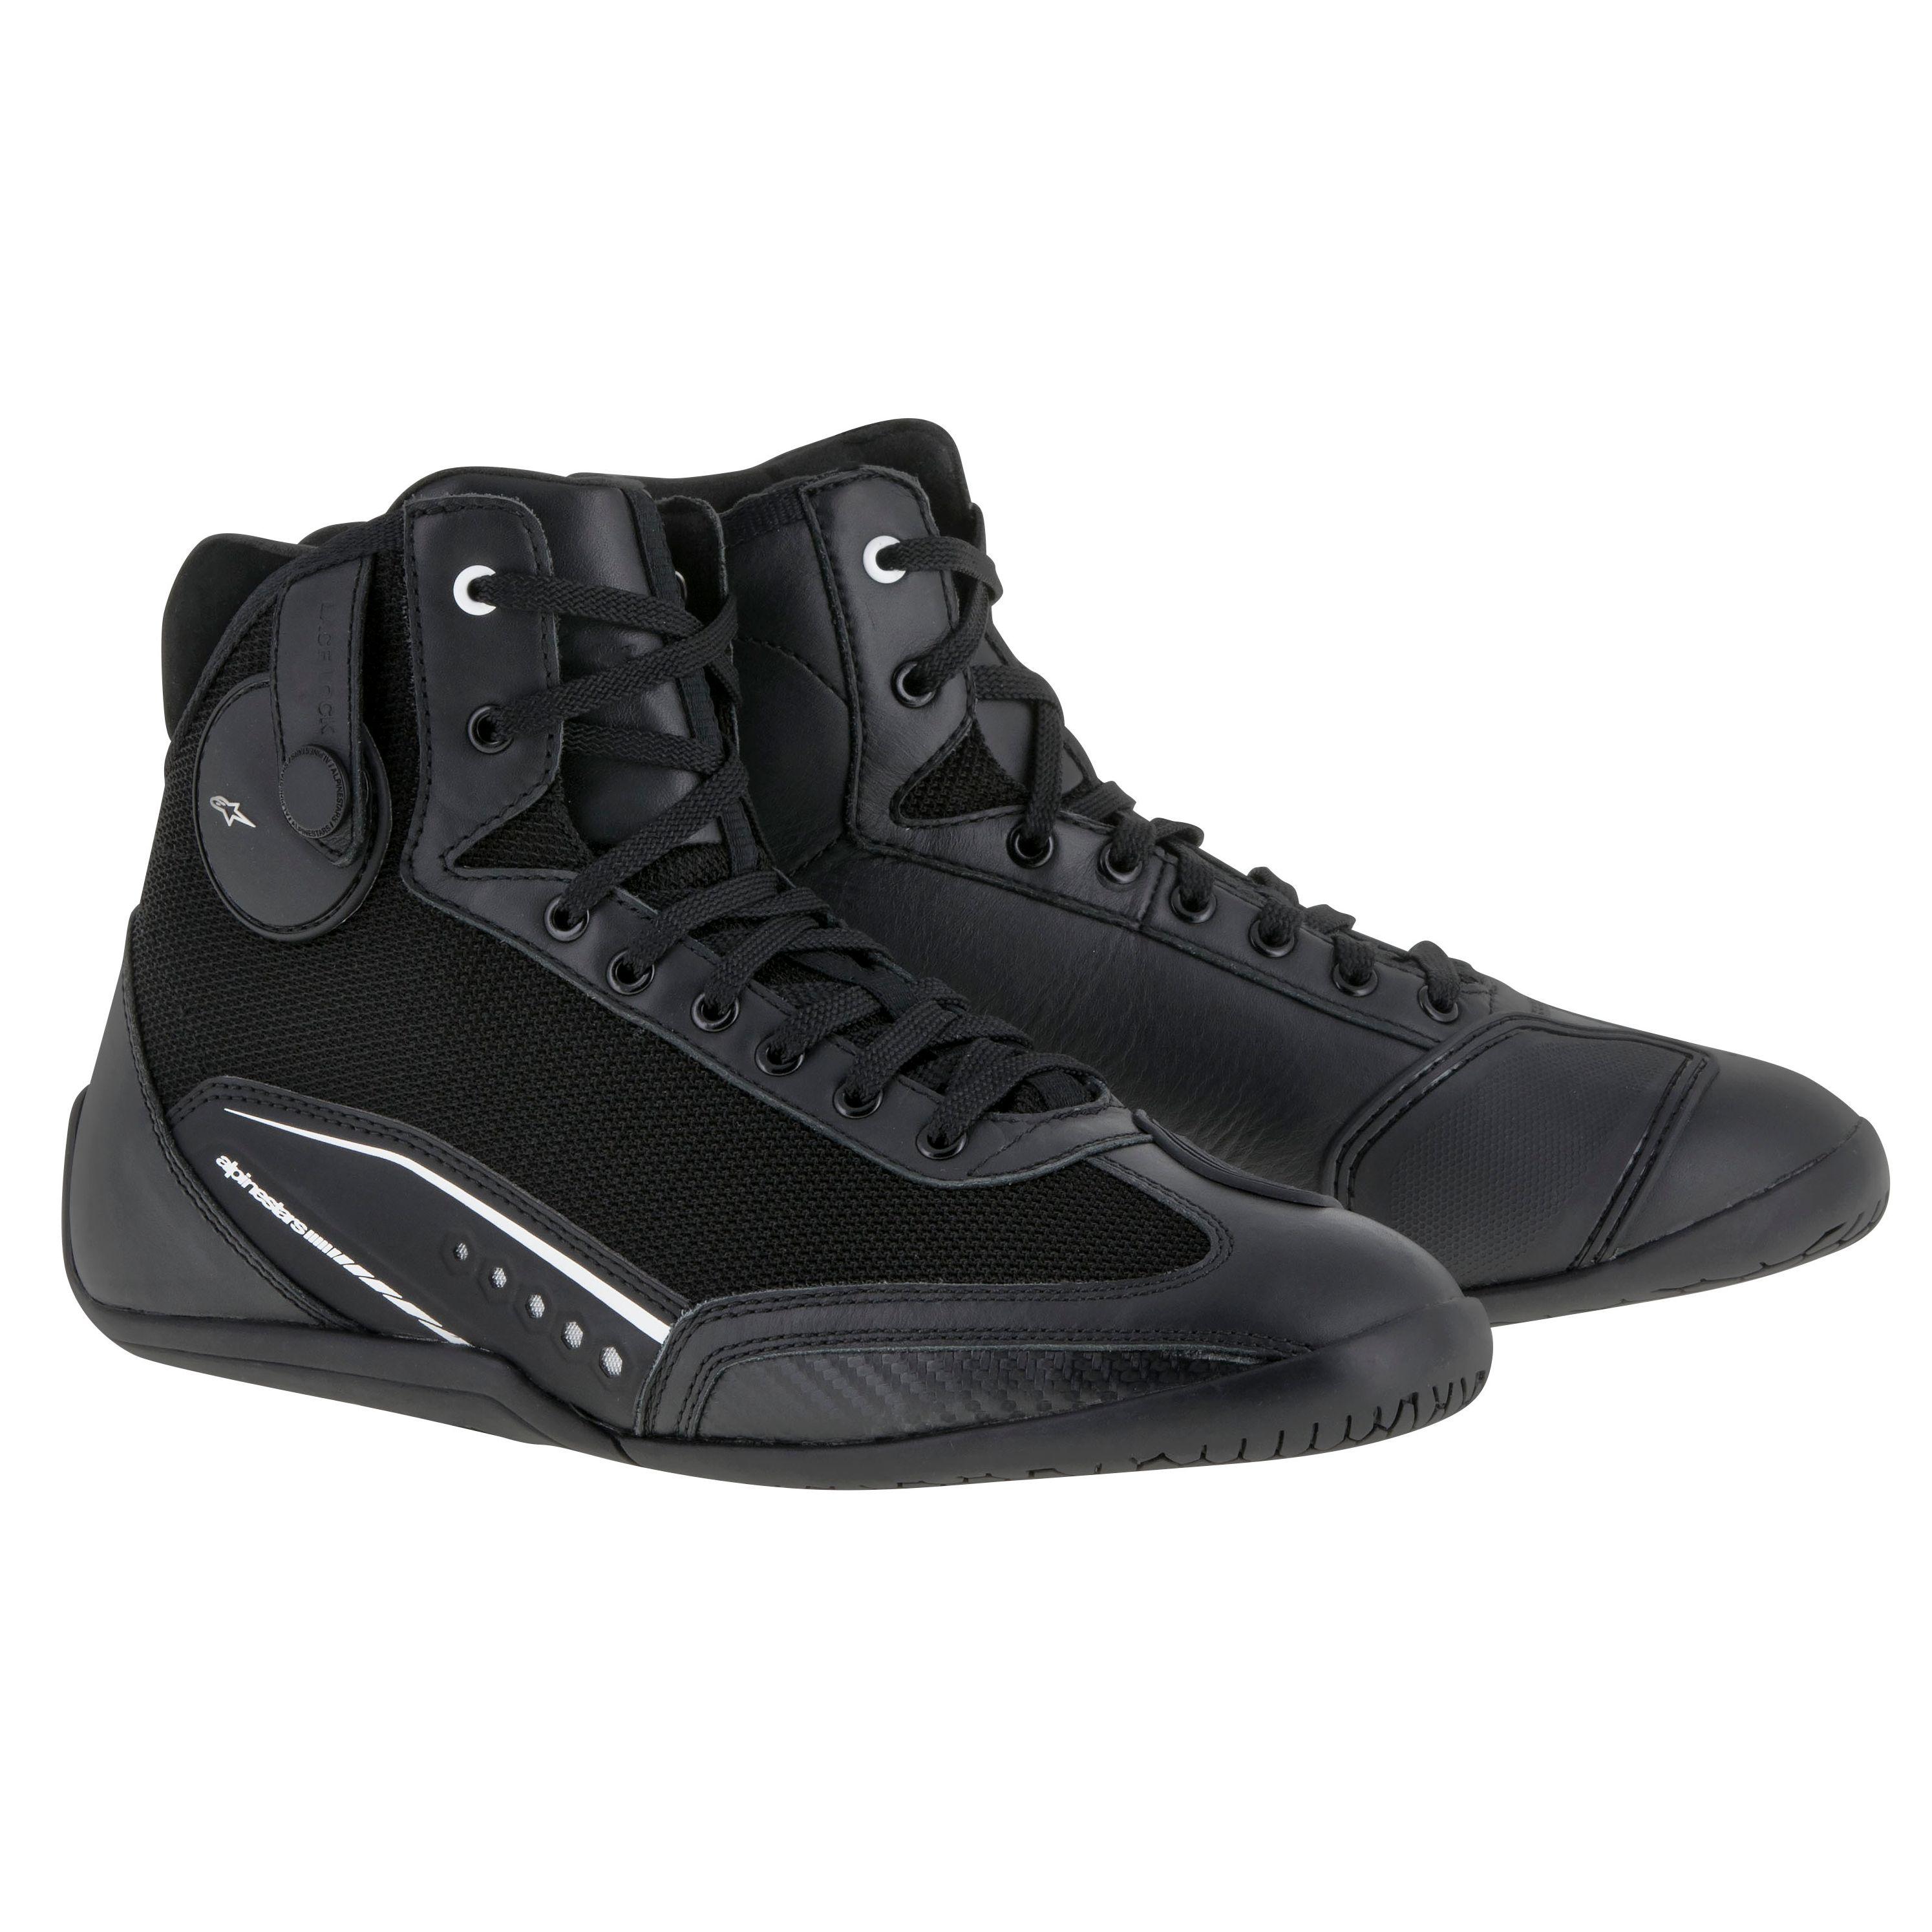 Scarpe basket Alpinestars AST 1 - Stivali e scarpe moto c272281f935